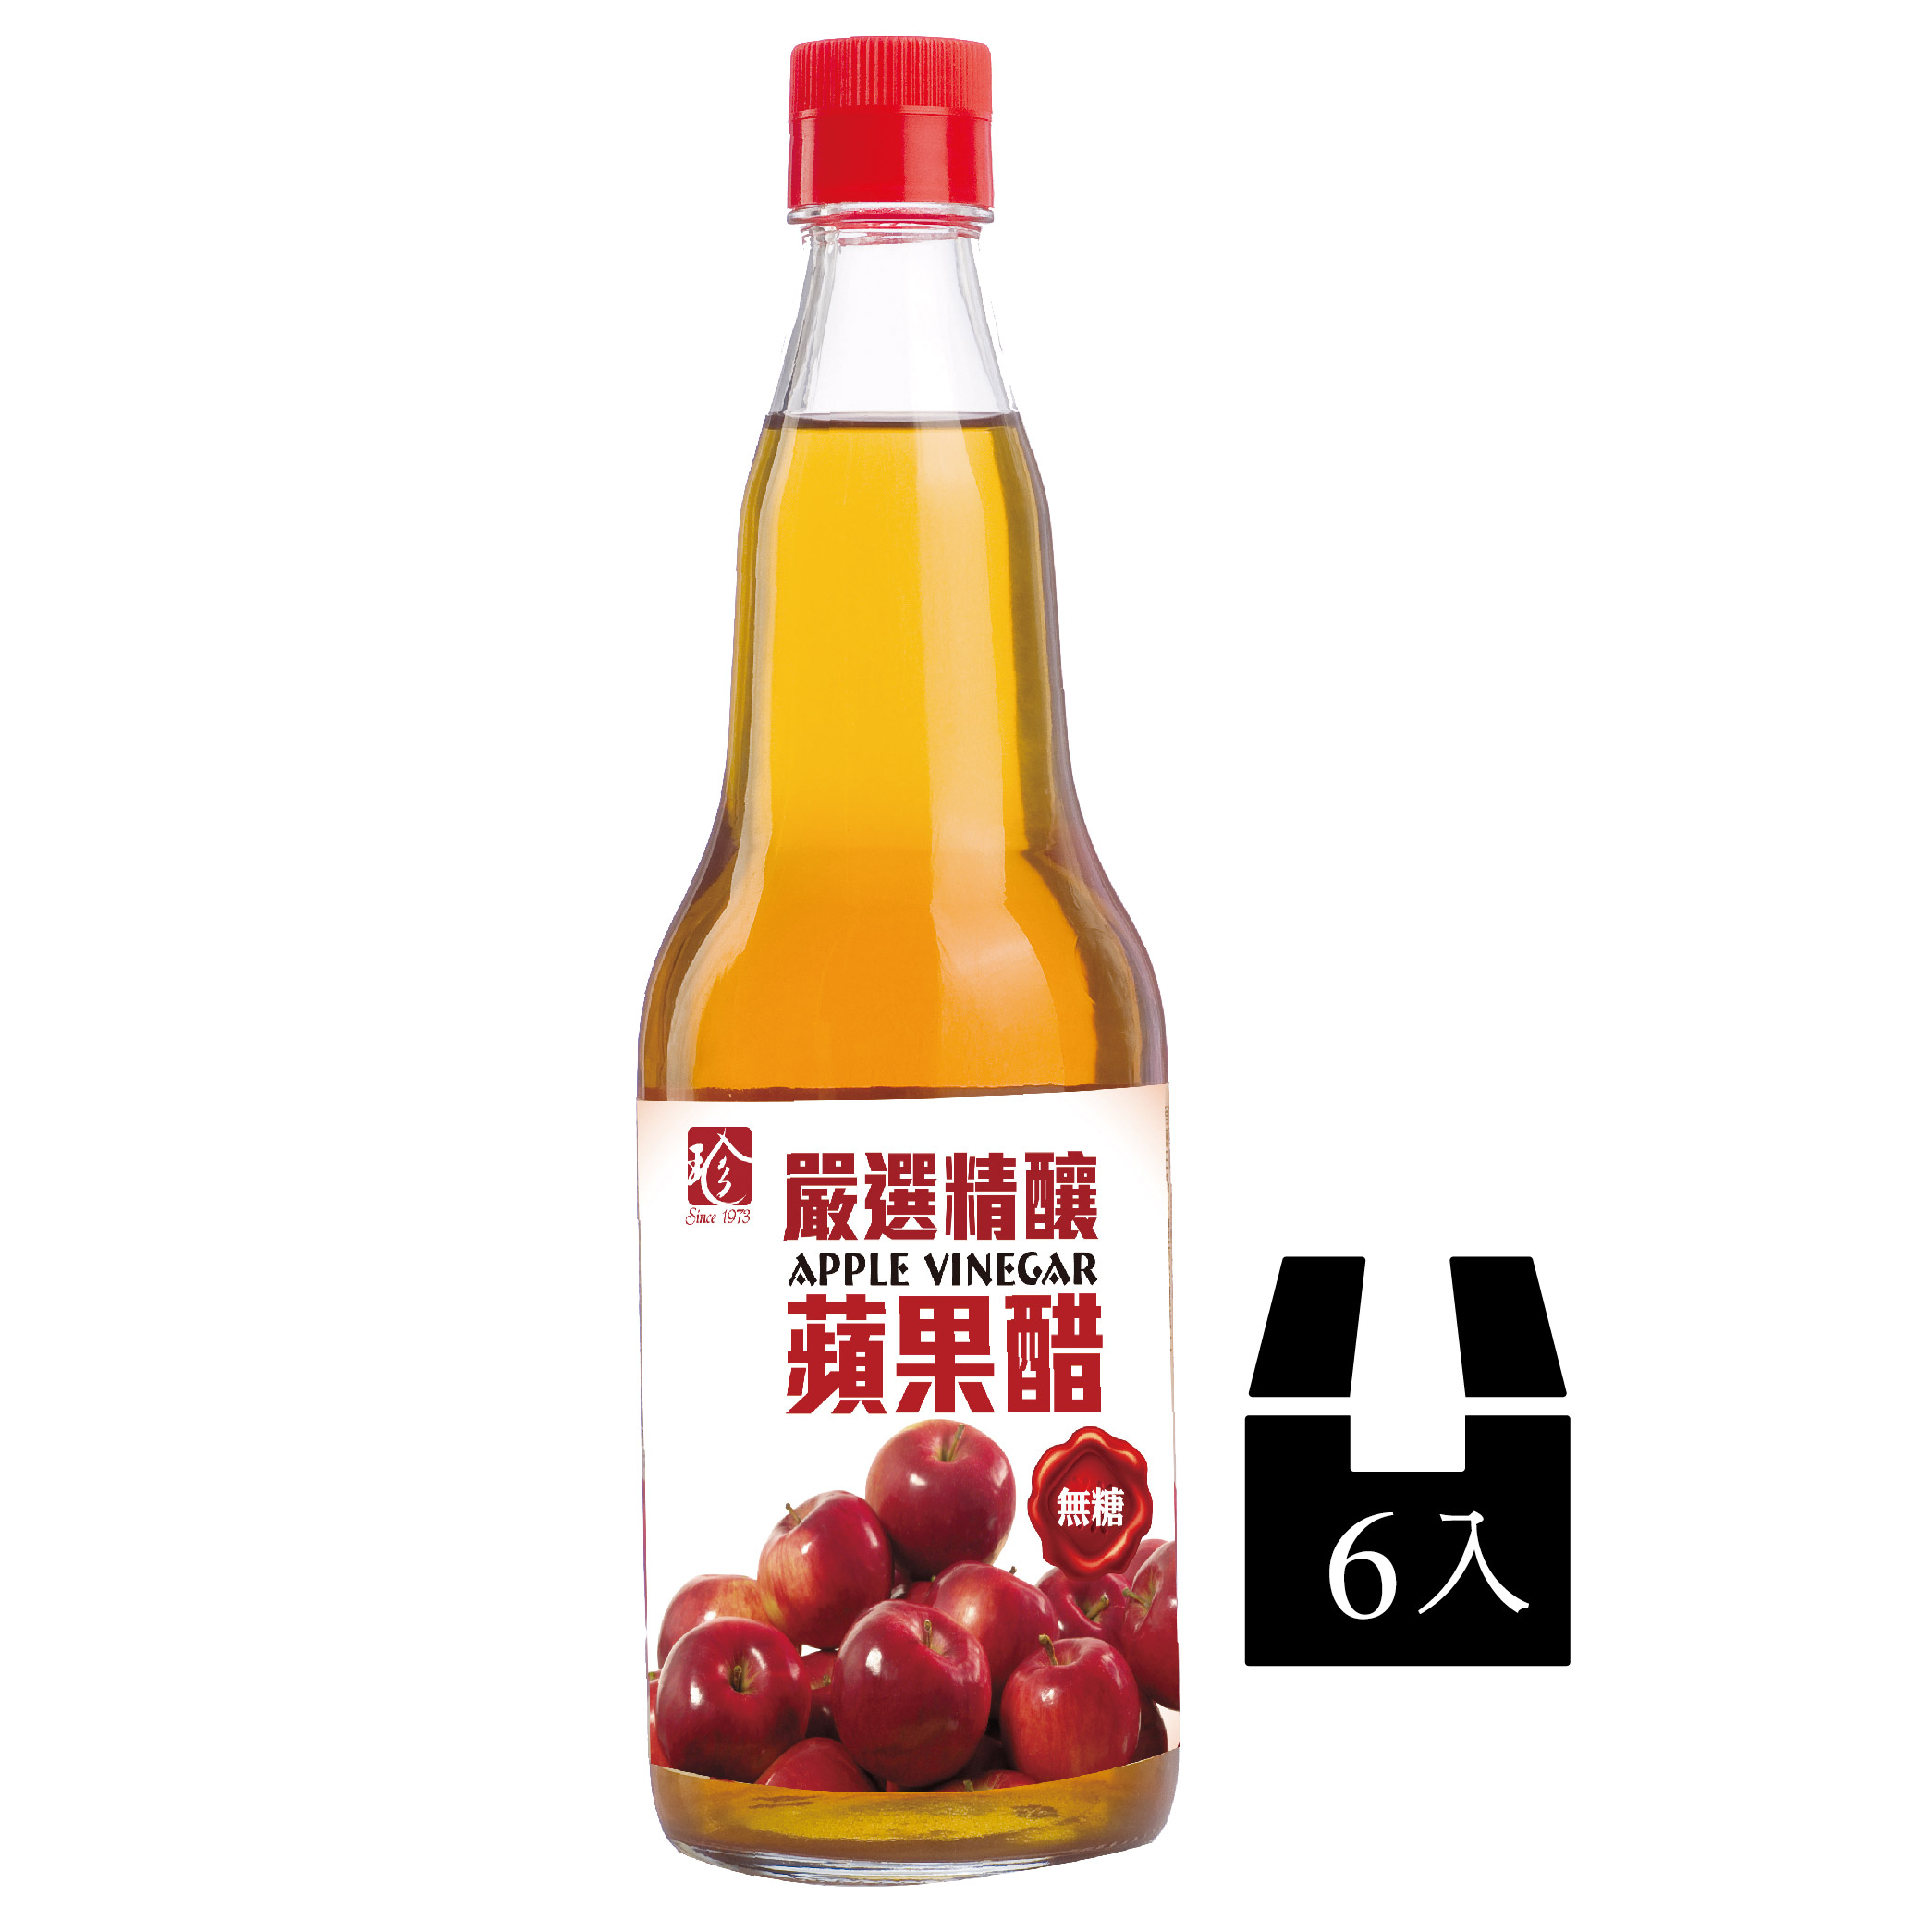 【百家珍】嚴選精釀蘋果醋600ml*6入